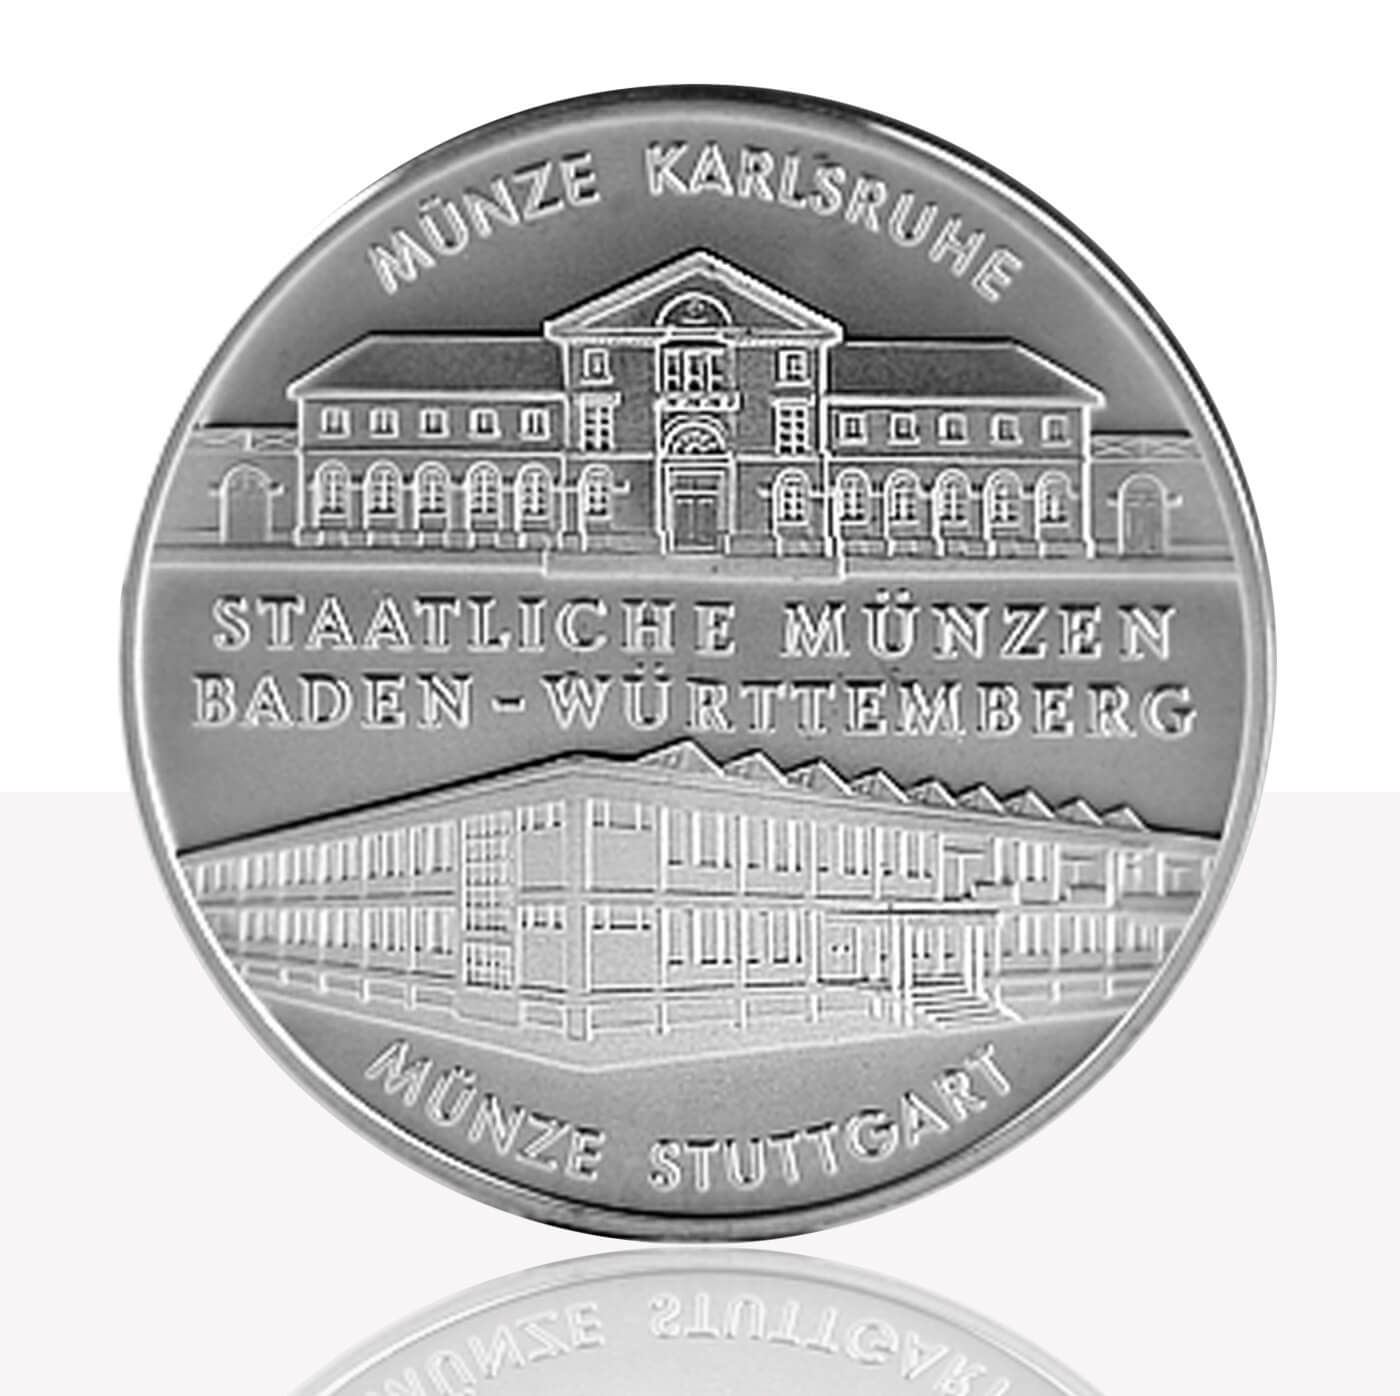 Stuttgart And Karlsruhe Mint Medal Fine Silver Staatliche Münzen